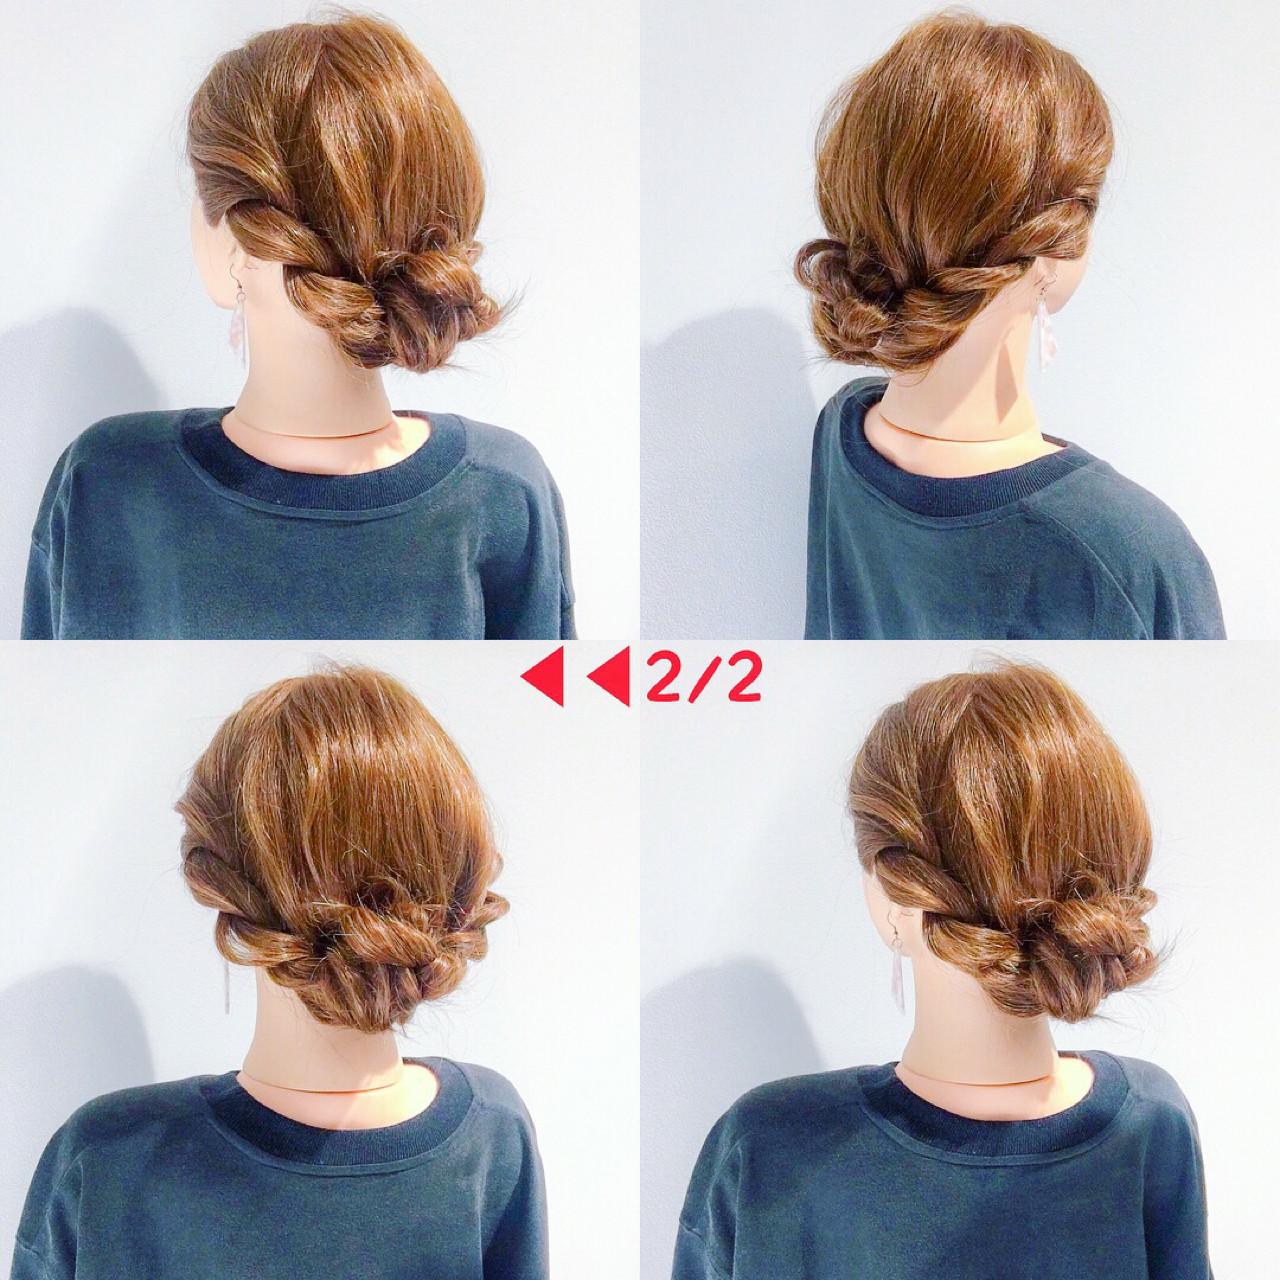 デート フェミニン オフィス ヘアアレンジ ヘアスタイルや髪型の写真・画像 | 美容師HIRO/Amoute代表 / Amoute/アムティ